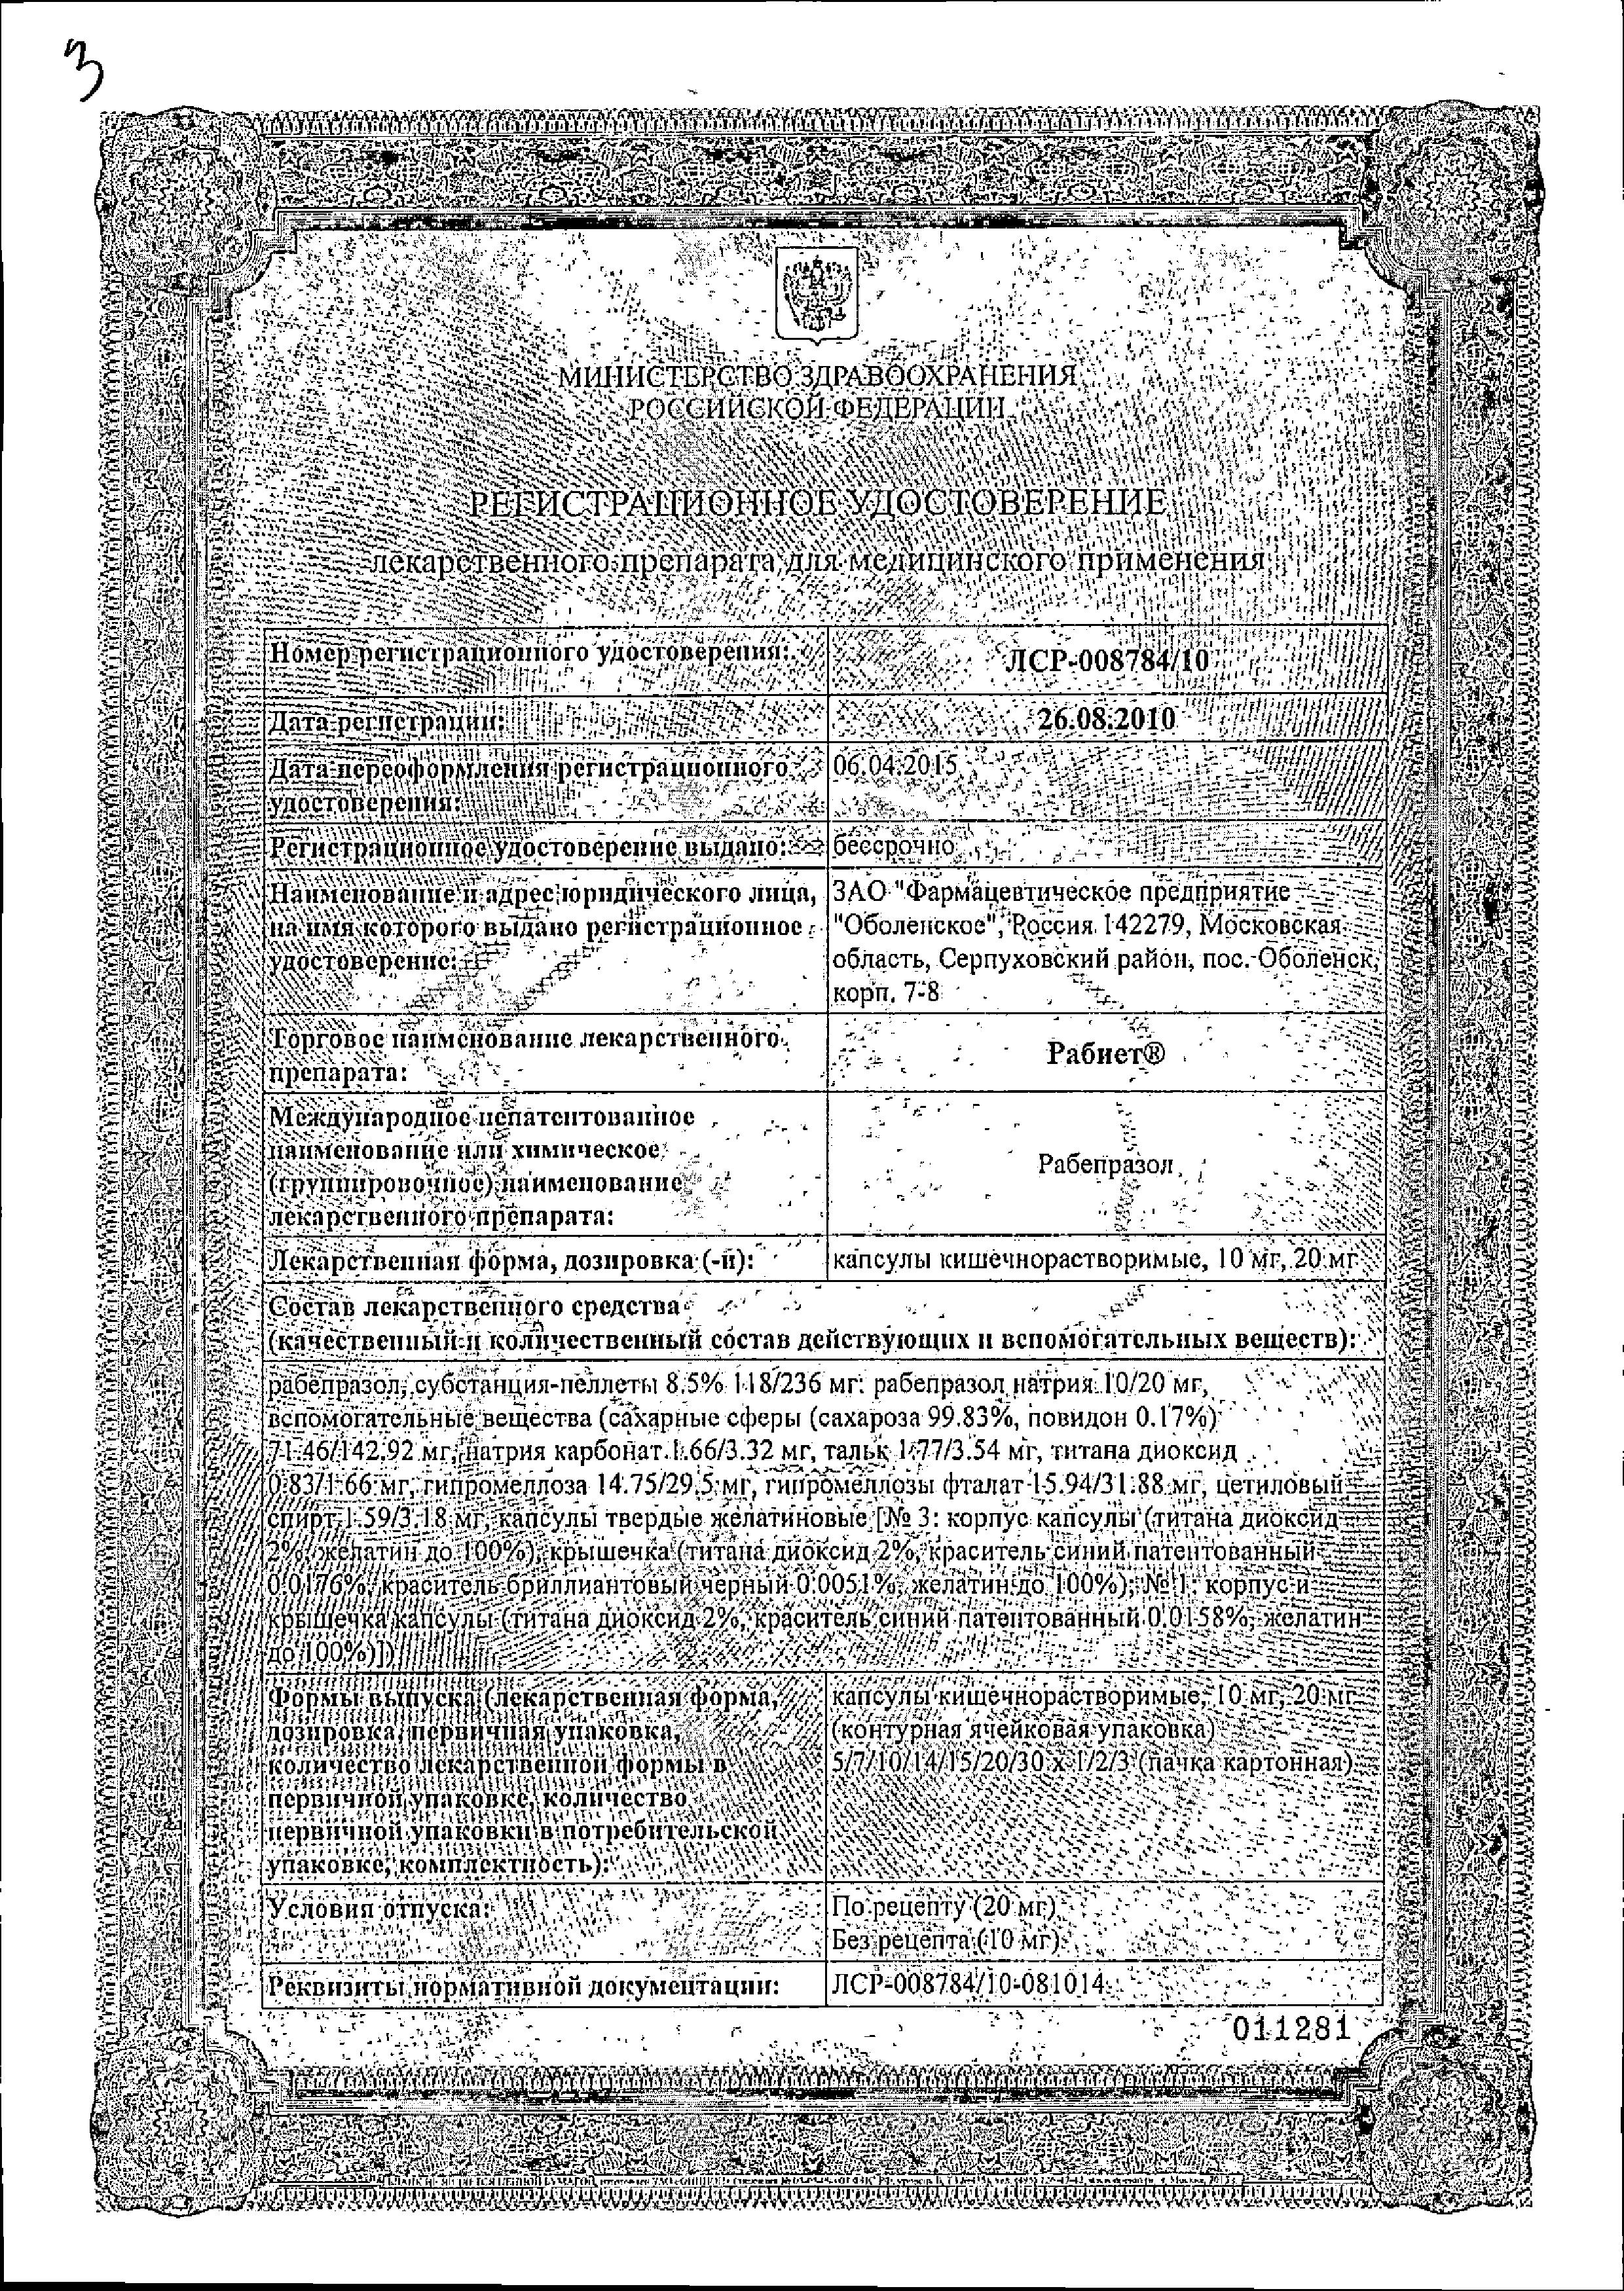 Рабиет сертификат